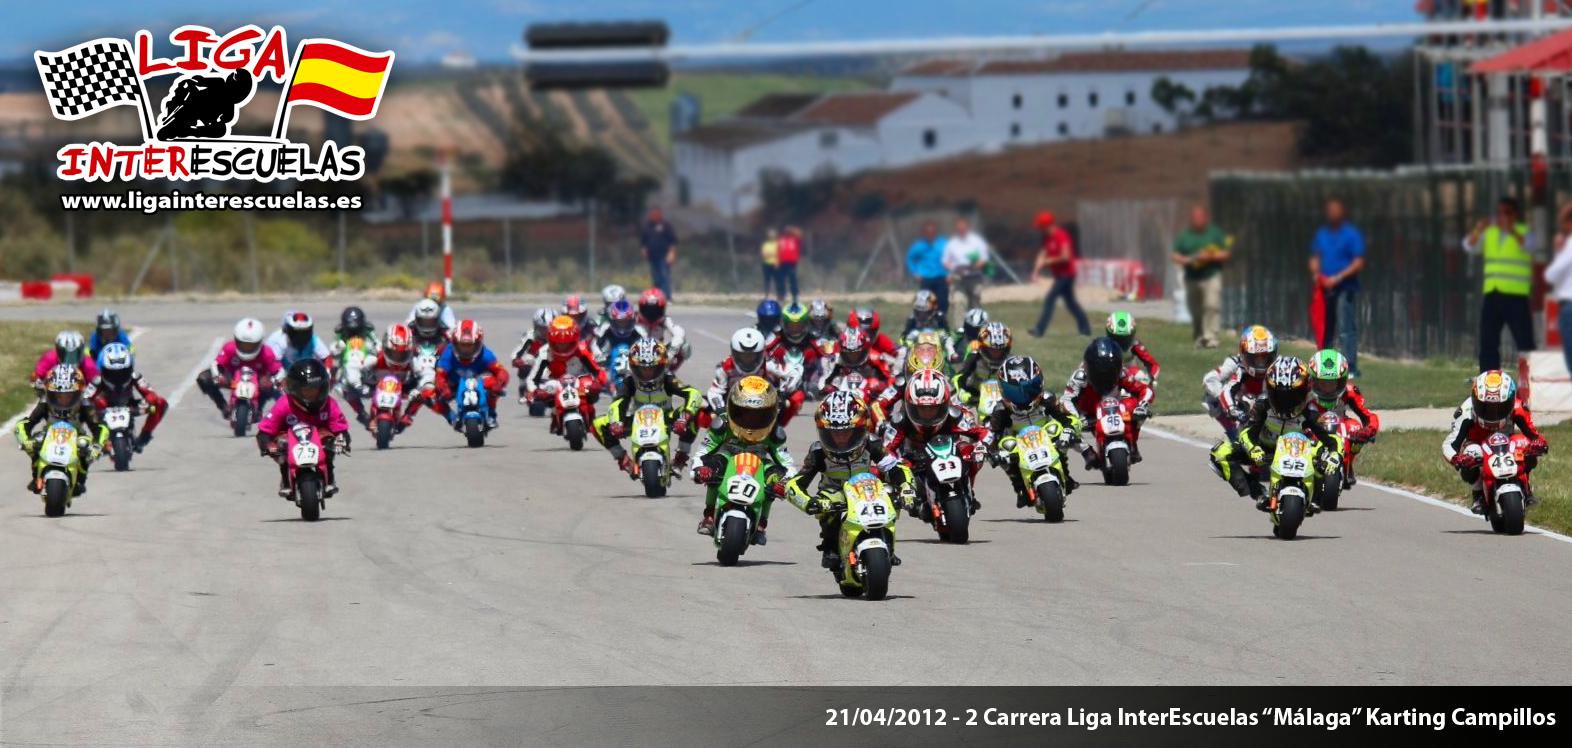 La Liga Interescuelas llena el karting Campillos, en su 2ª prueba.